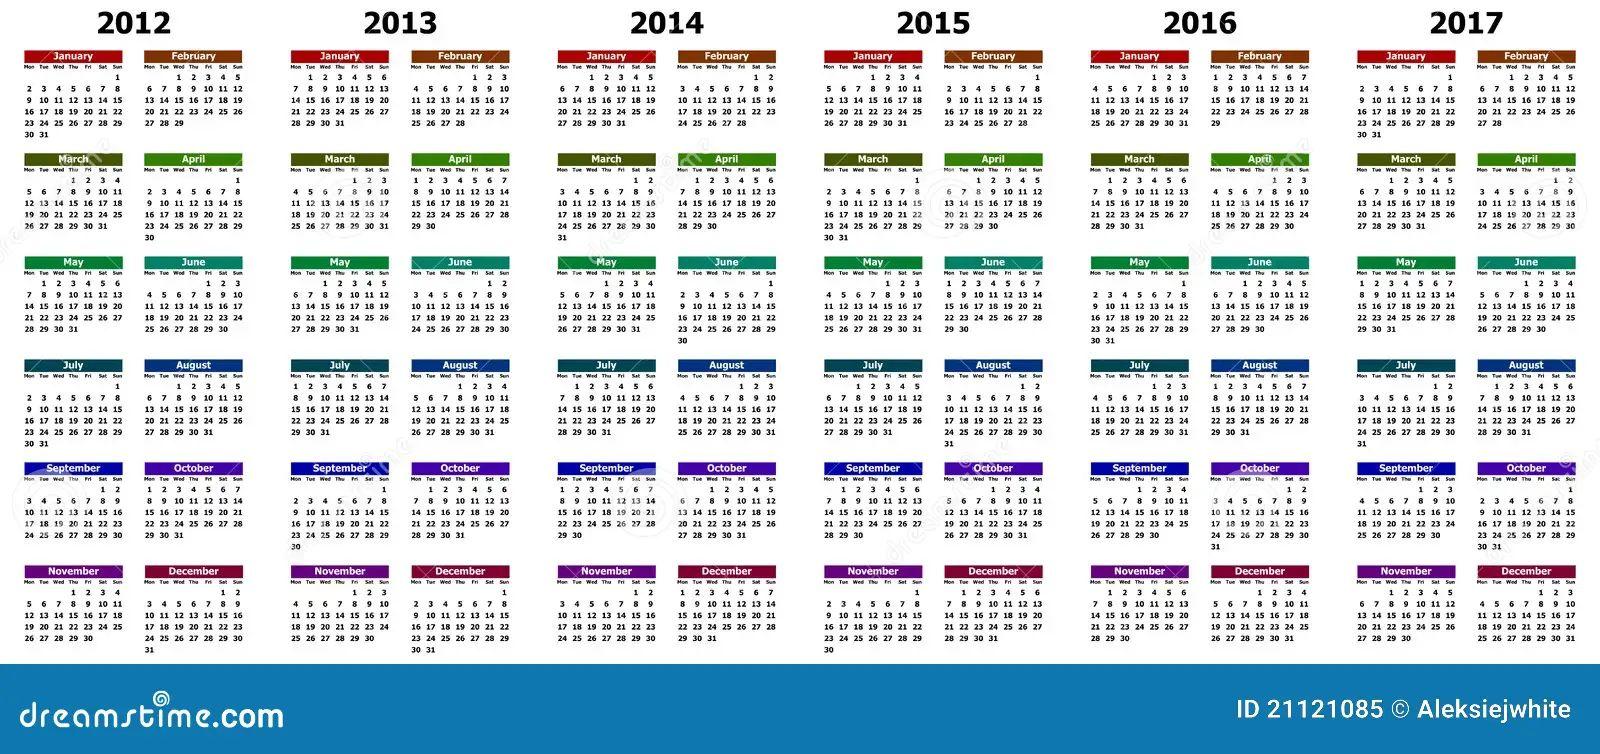 calendar years